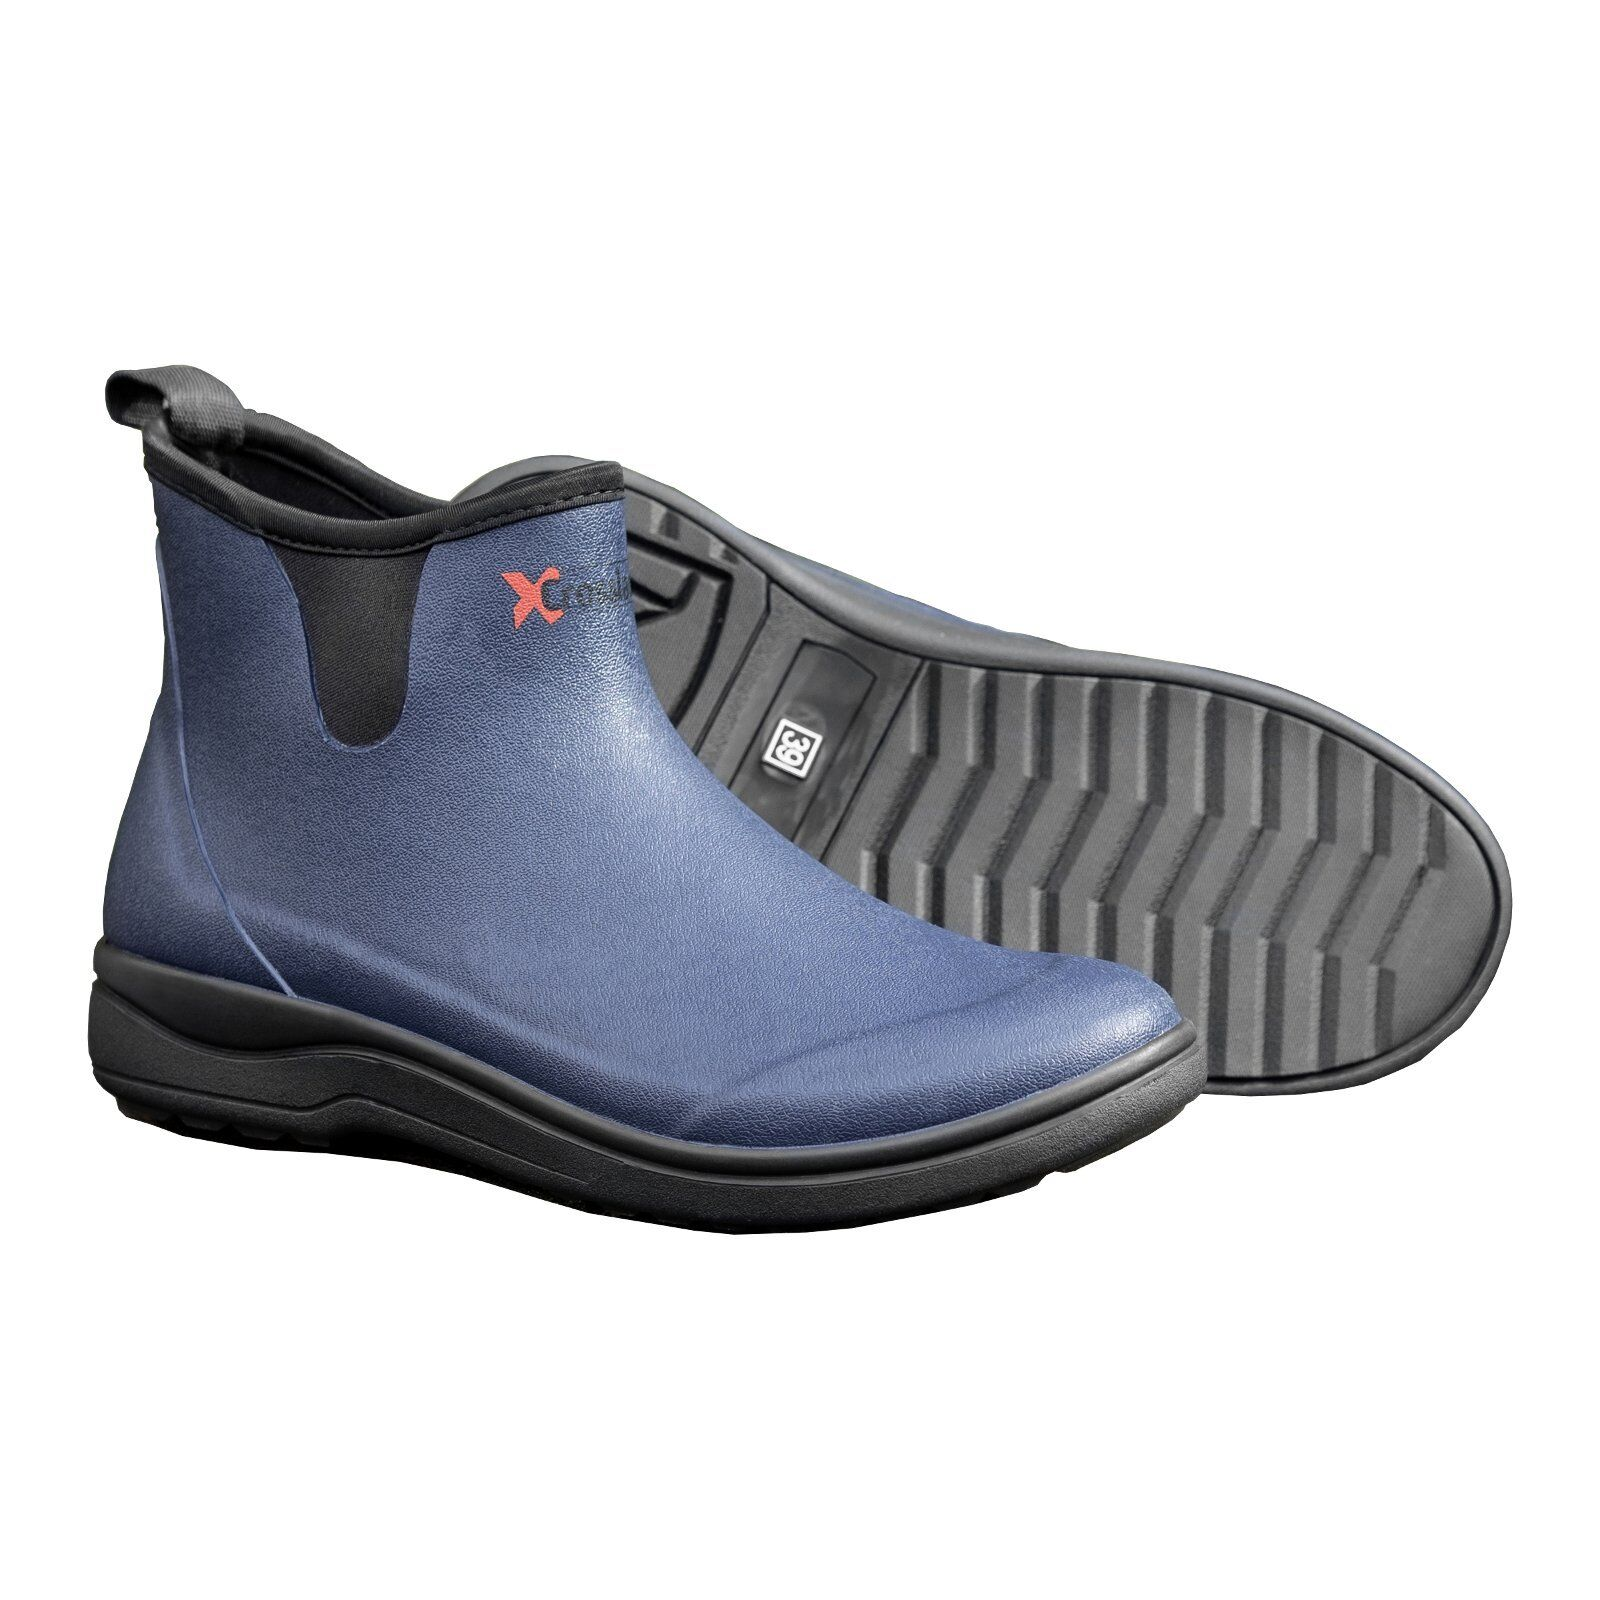 CROSSLANDER Outdoor Bottes Malmö Marine 41 Bottes en caoutchouc bottes chaudes chaussures